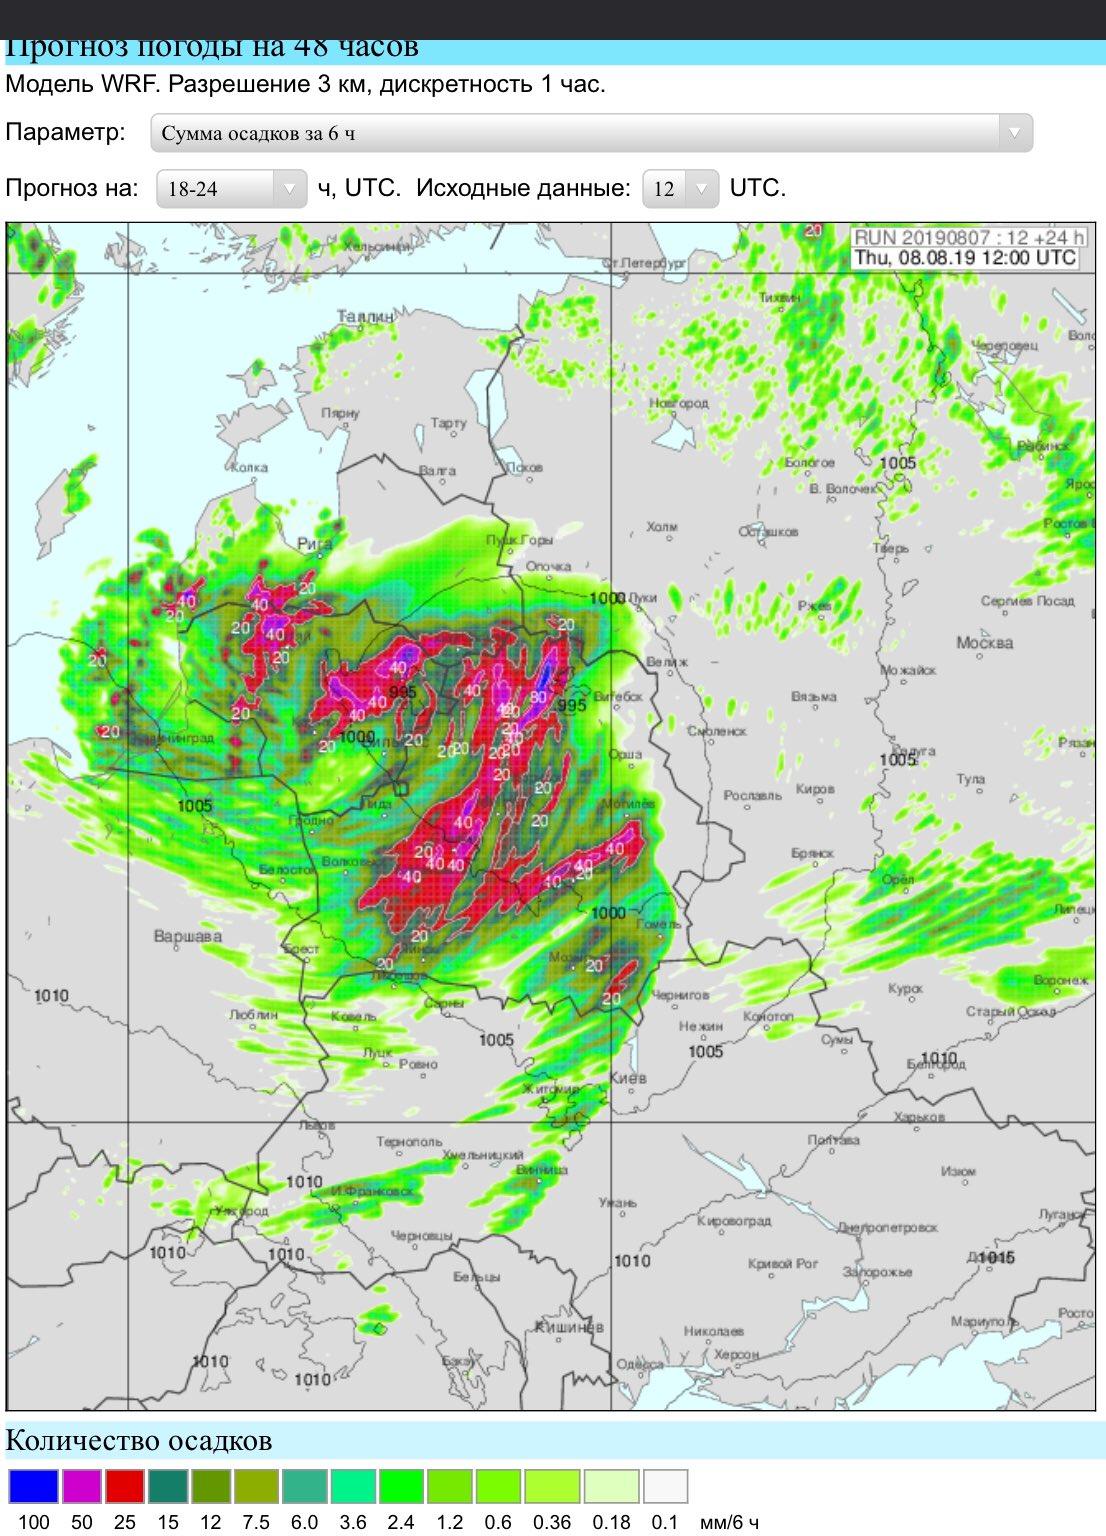 Смотрите, как выглядит циклон Xaver, которым нас пугают